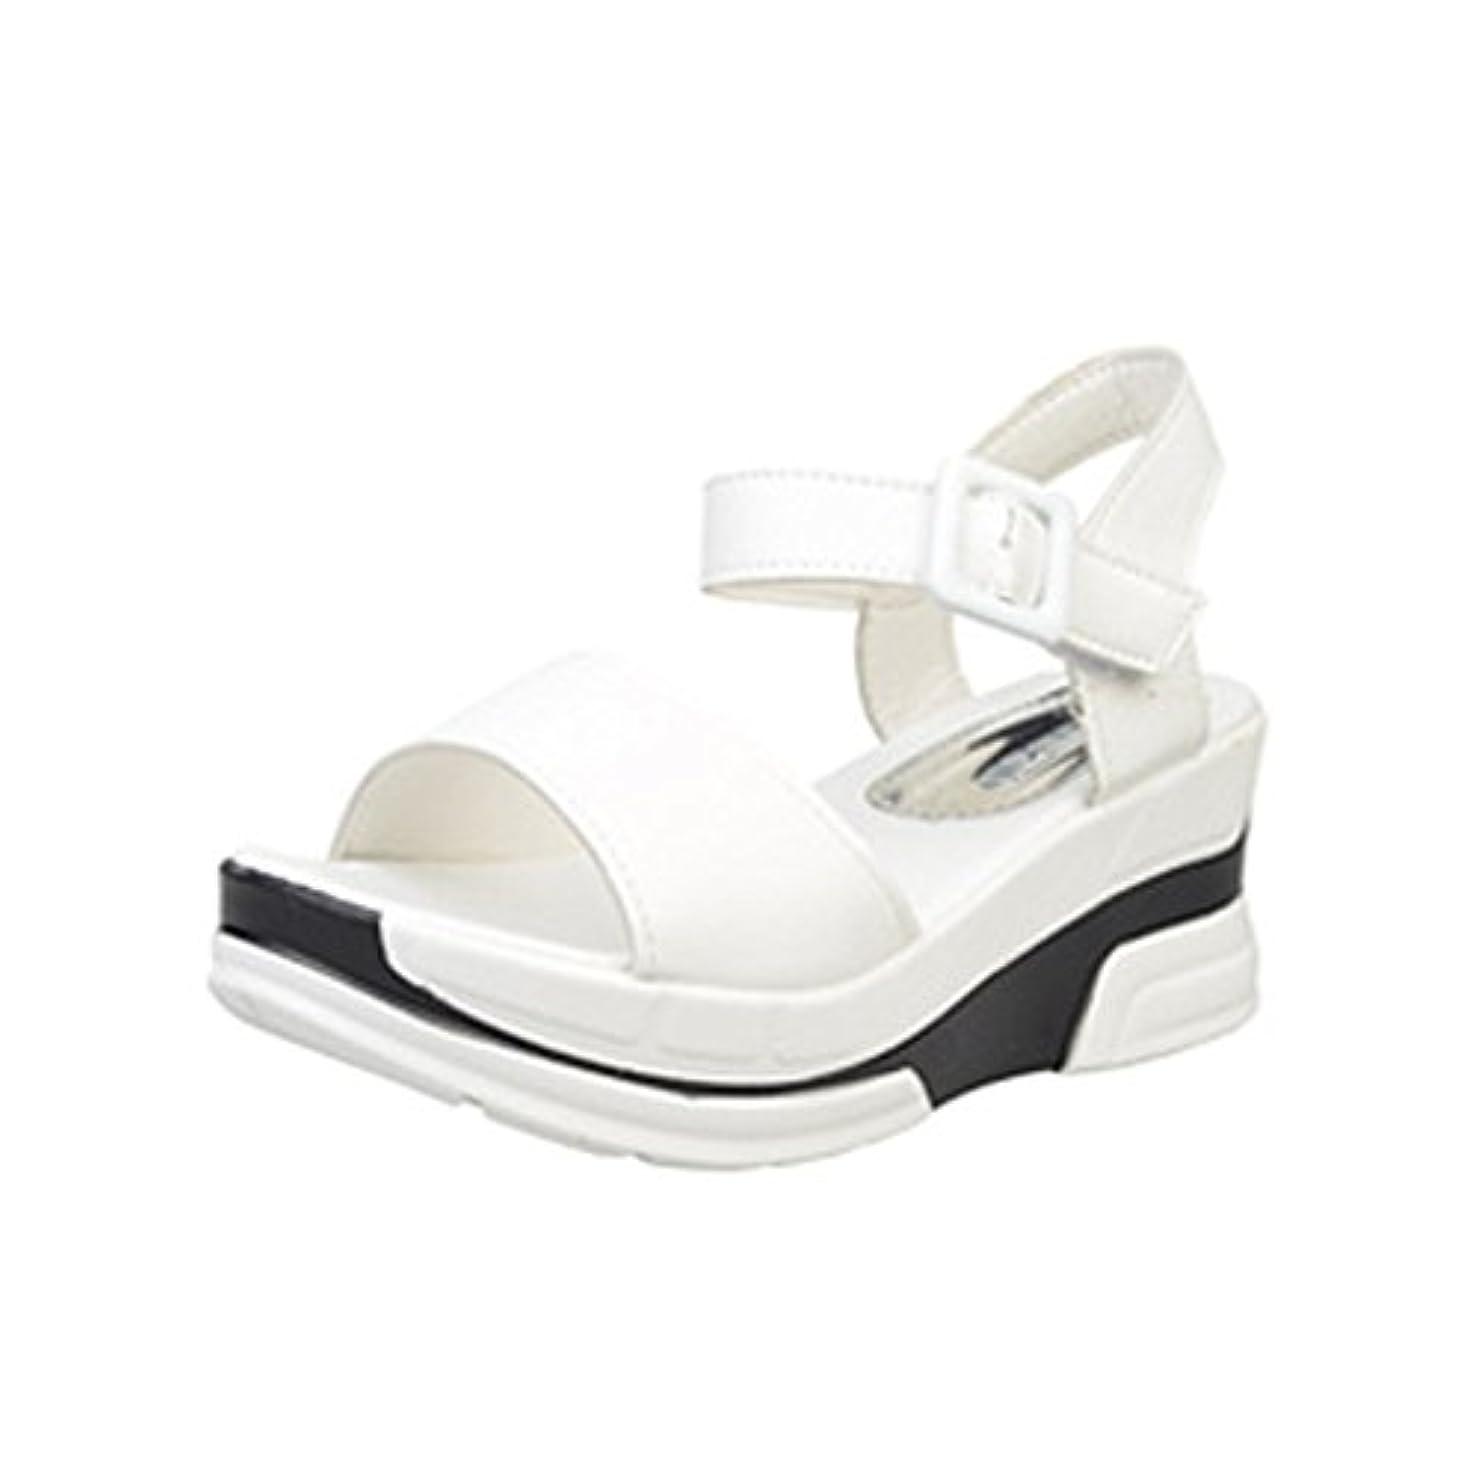 スクリーチ容器ホバート[シューズ Foreted] サンダル フラット アンクルストラップ 美脚 フォーマル 厚底 おしゃれ 夏 歩きやすい コンフォート ウェッジソール ぺたんこ靴 可愛い